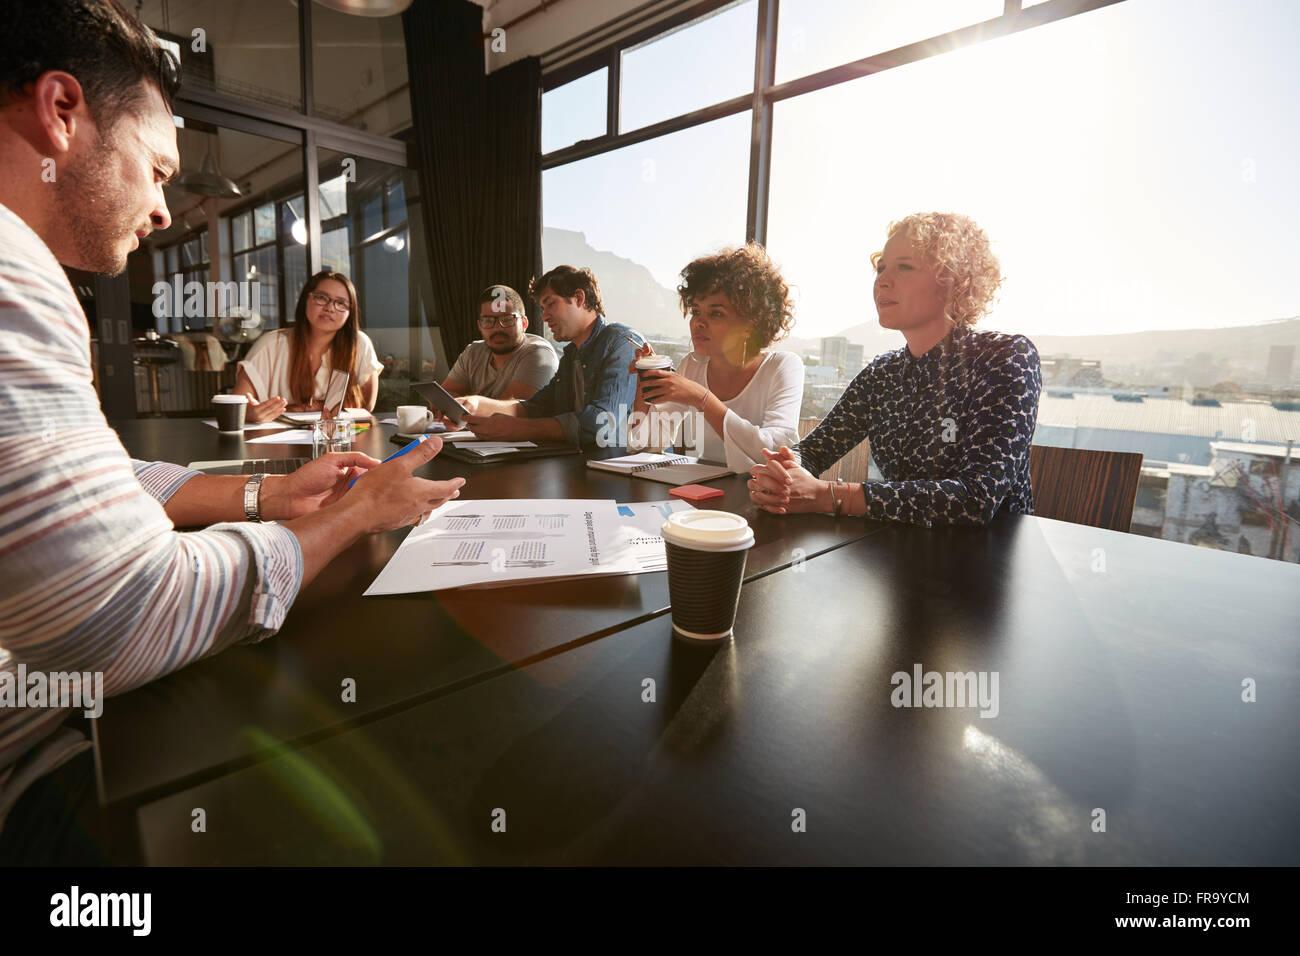 Retrato de equipo creativo sentados alrededor de una mesa discutiendo nuevos planes de proyecto. Personas de raza Imagen De Stock